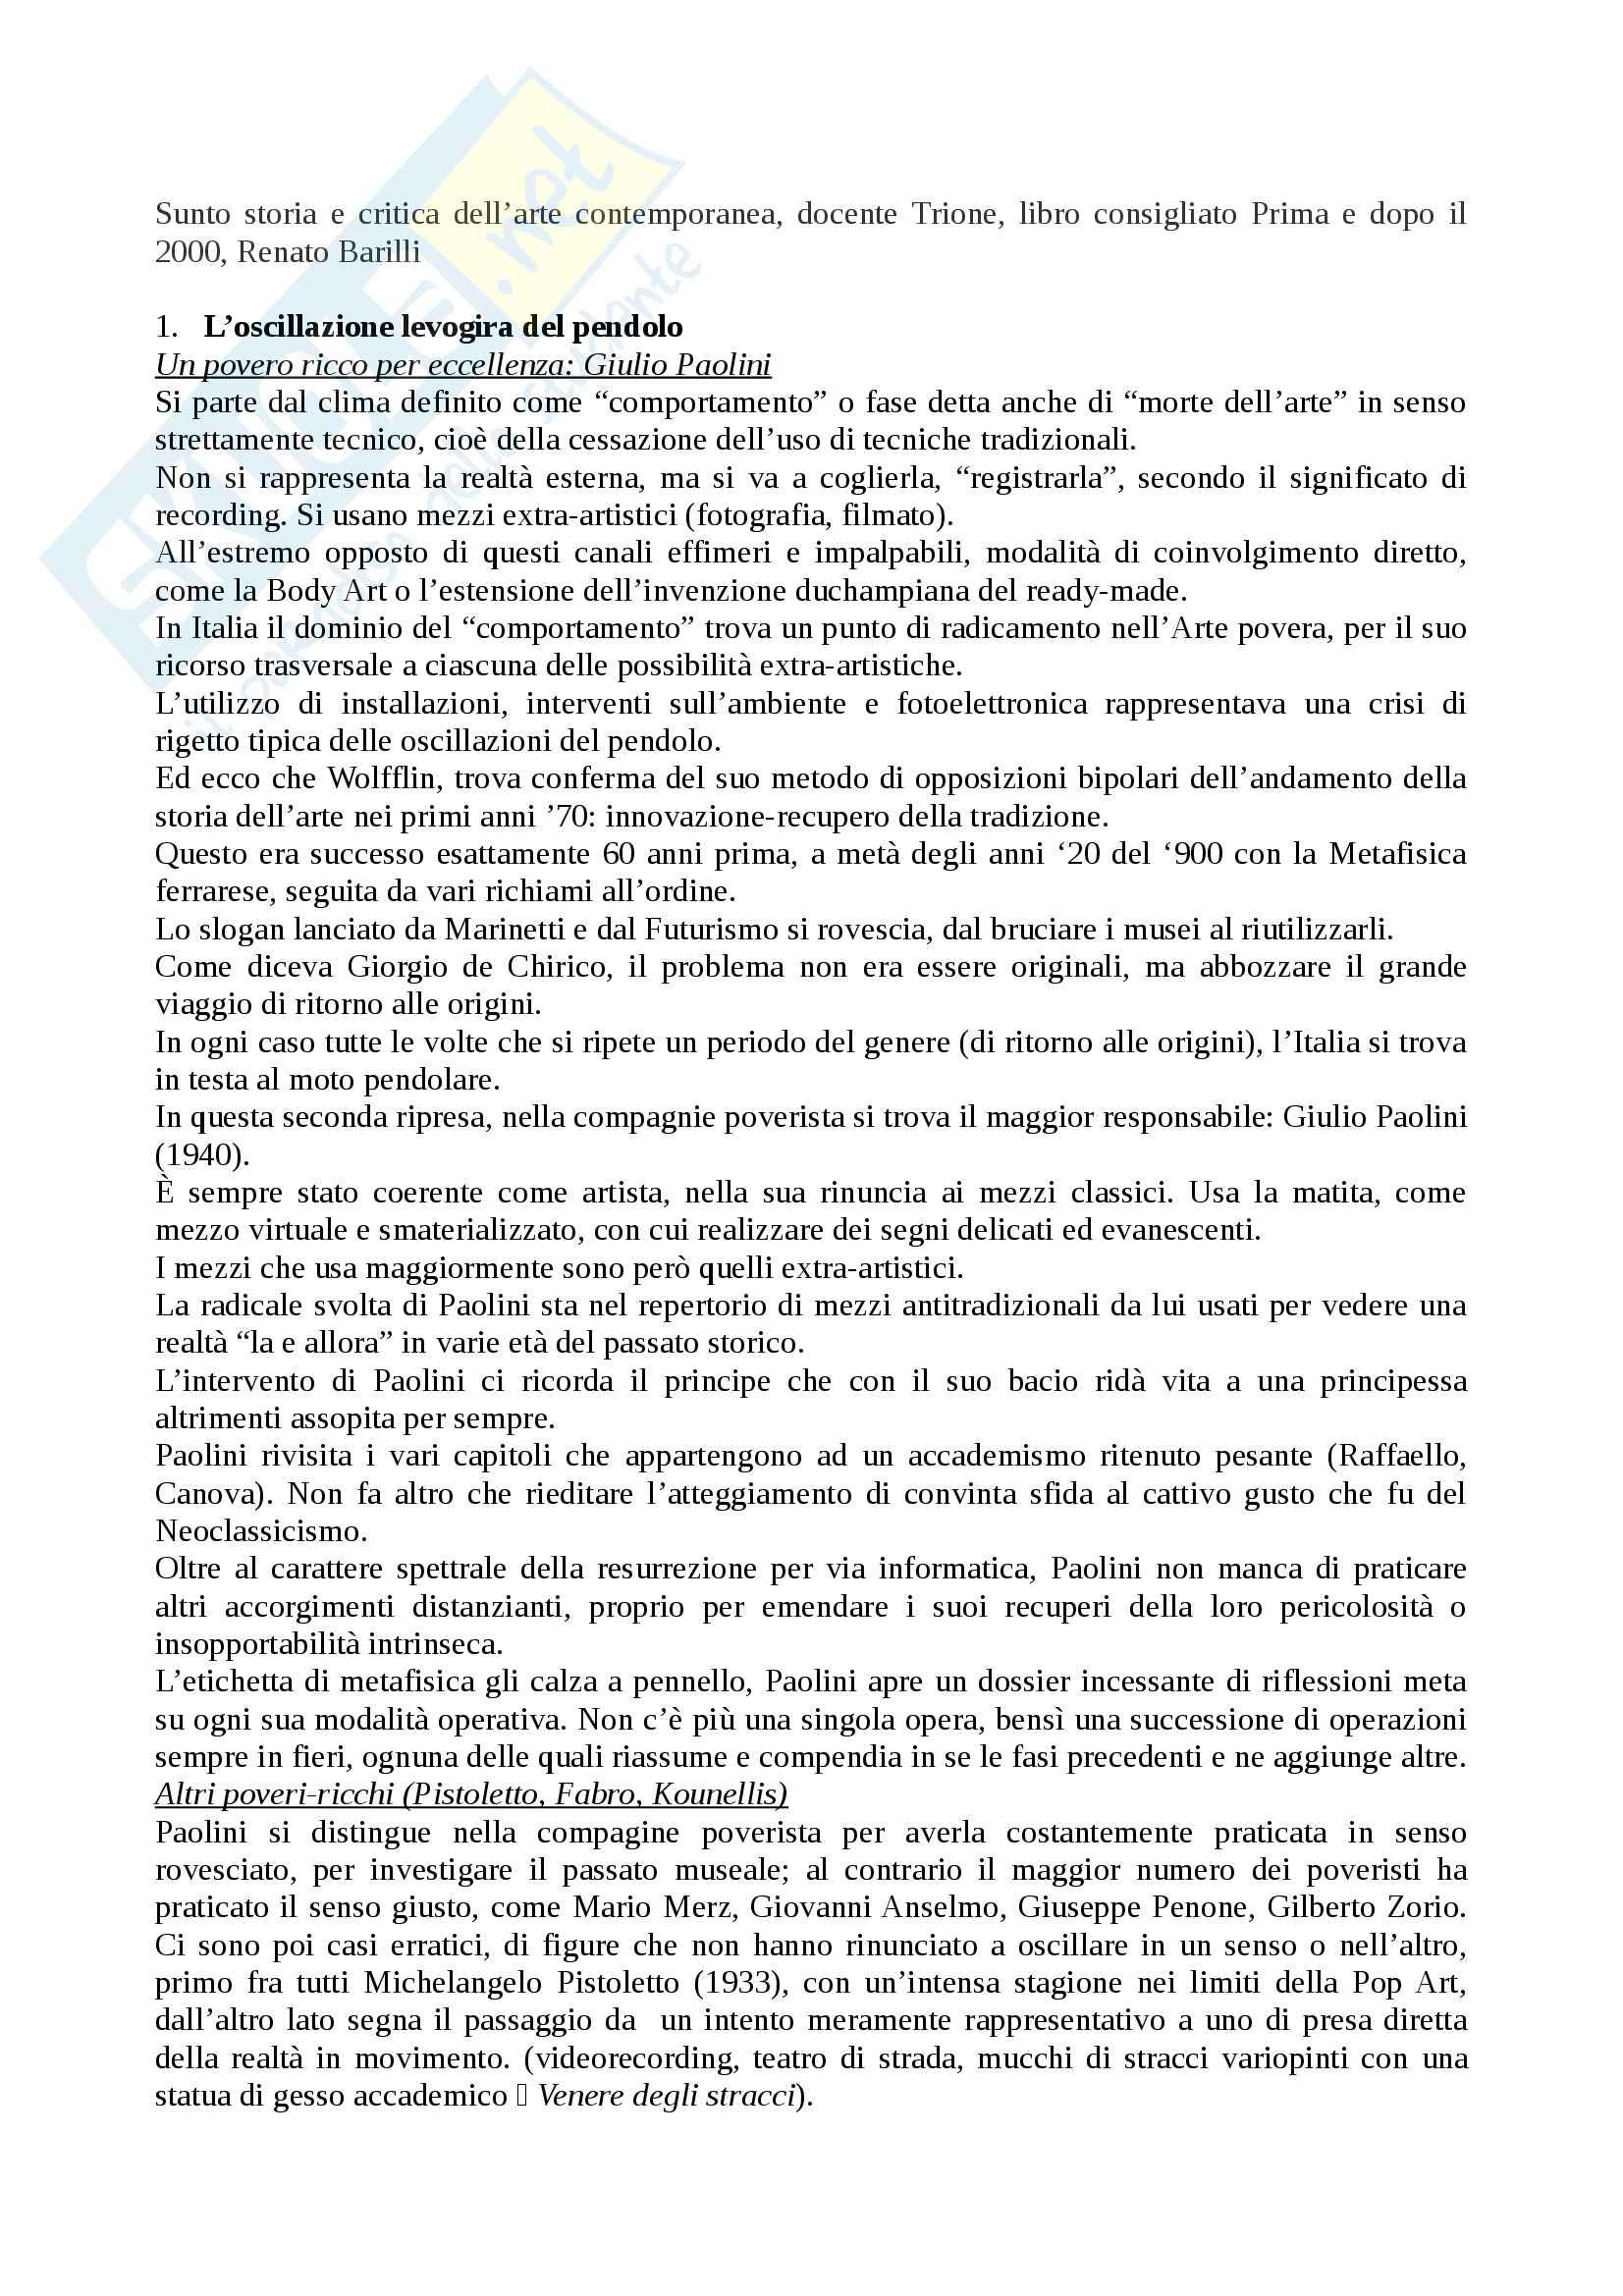 Riassunto esame storia e critica dell'arte contemporanea, docente Trione, libro consigliato Prima e dopo il 2000, Renato Barilli